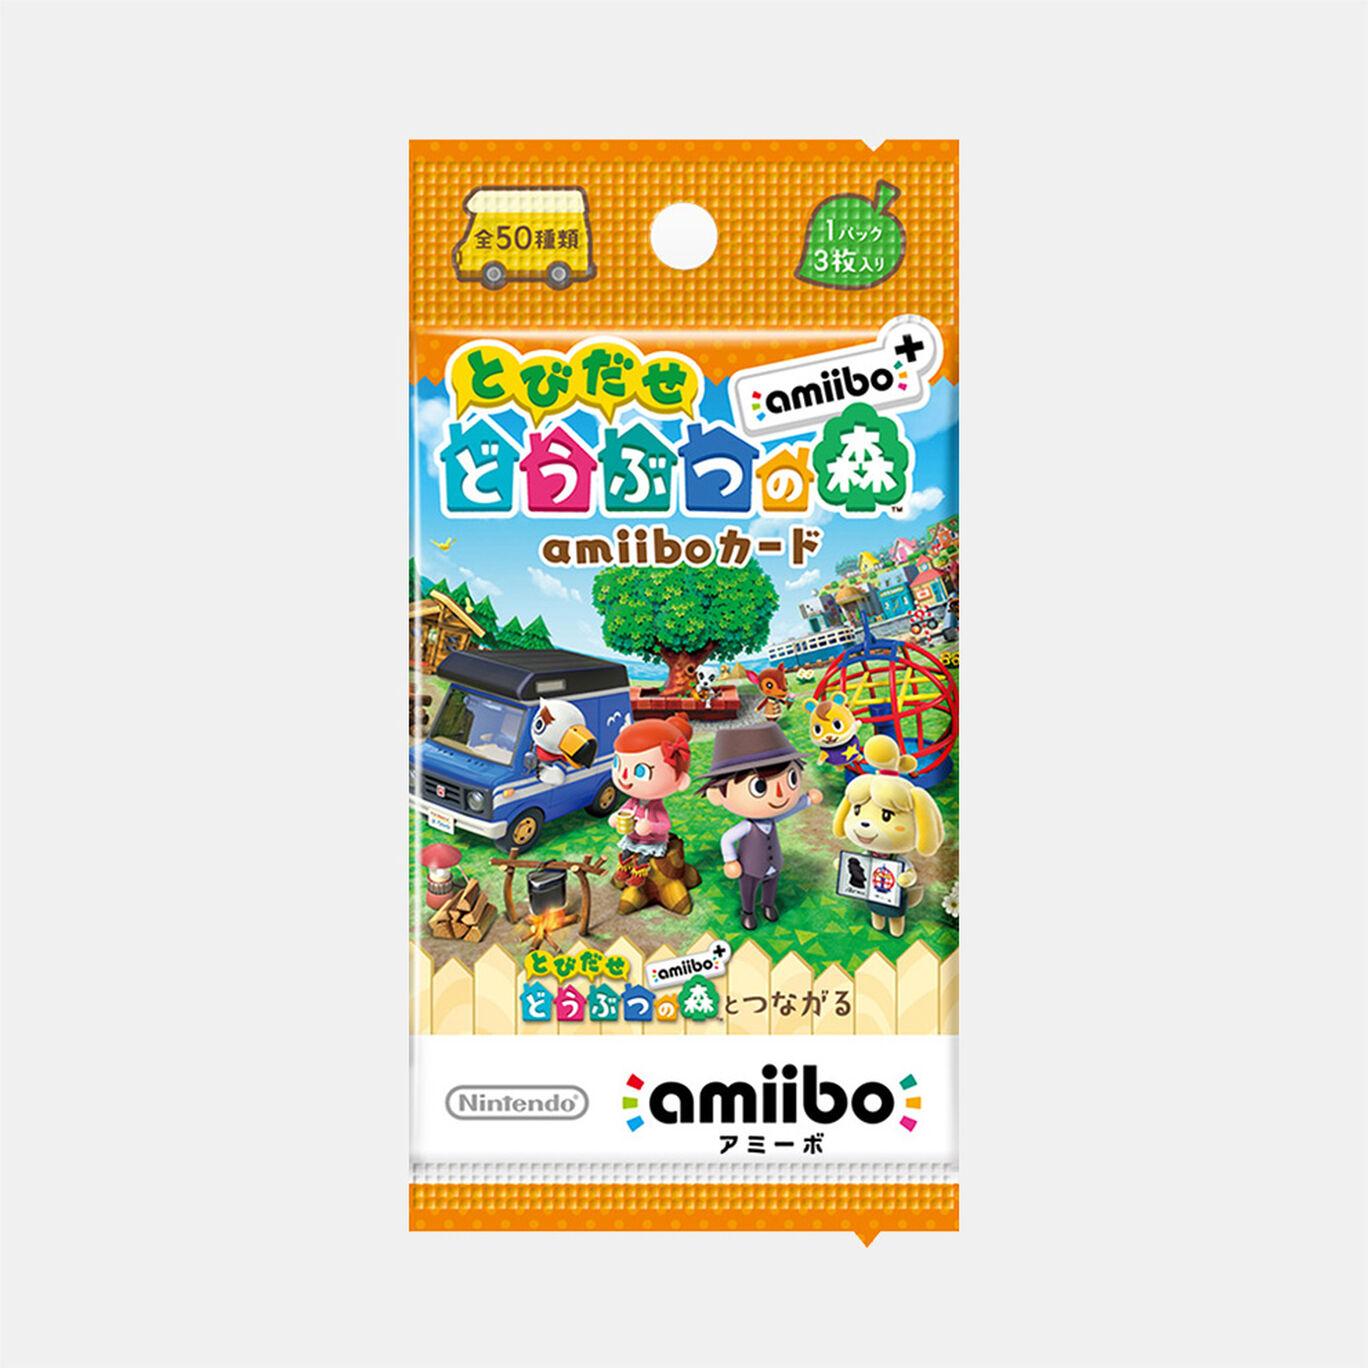 【2021年1月中旬までにお届け】『とびだせ どうぶつの森 amiibo+』amiiboカード